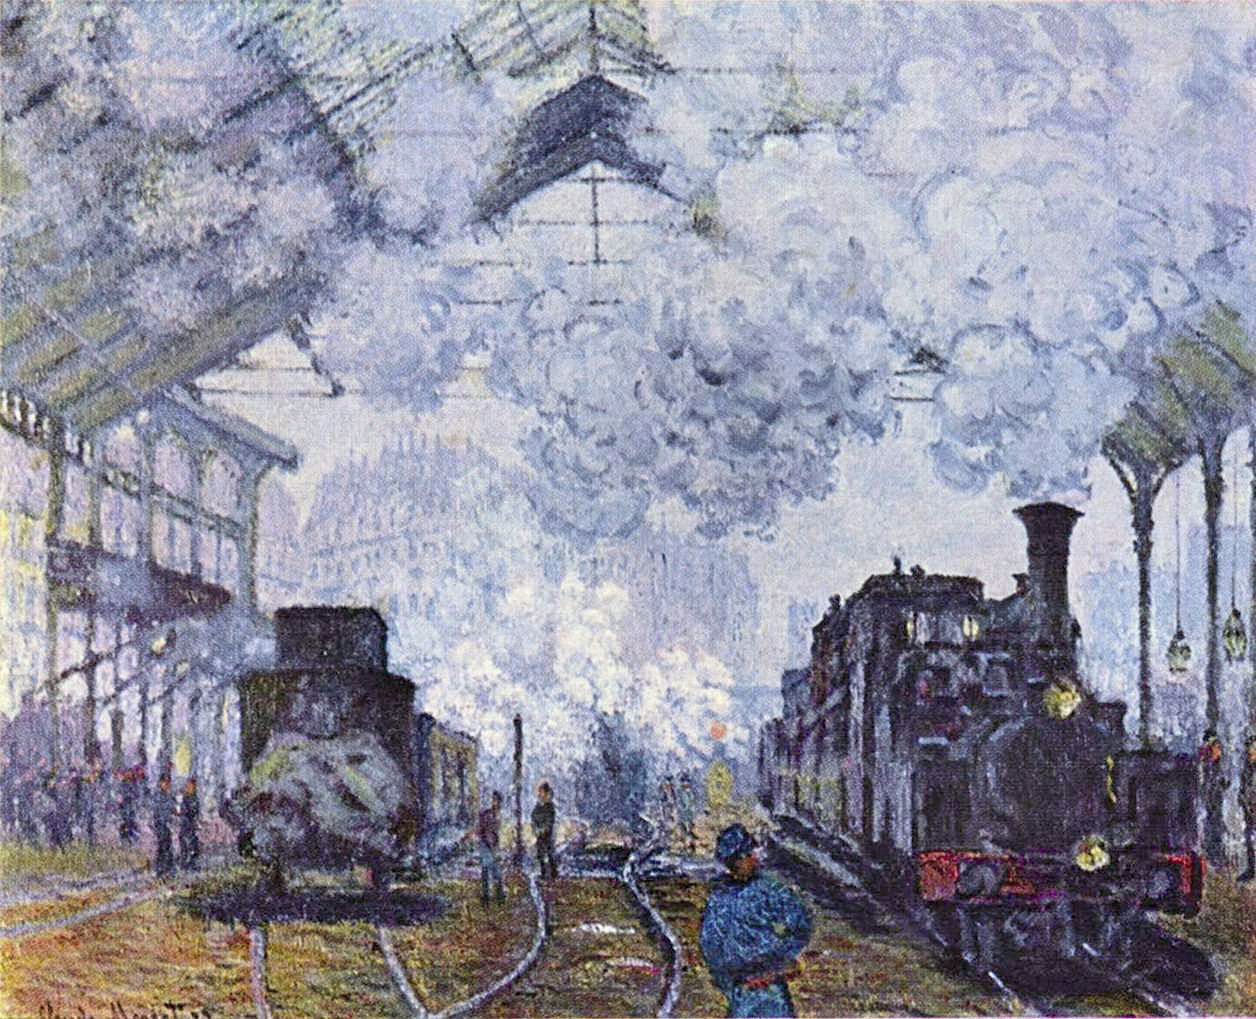 Claude Monet, La Gare Saint- Lazare, 1877, huile sur toile.